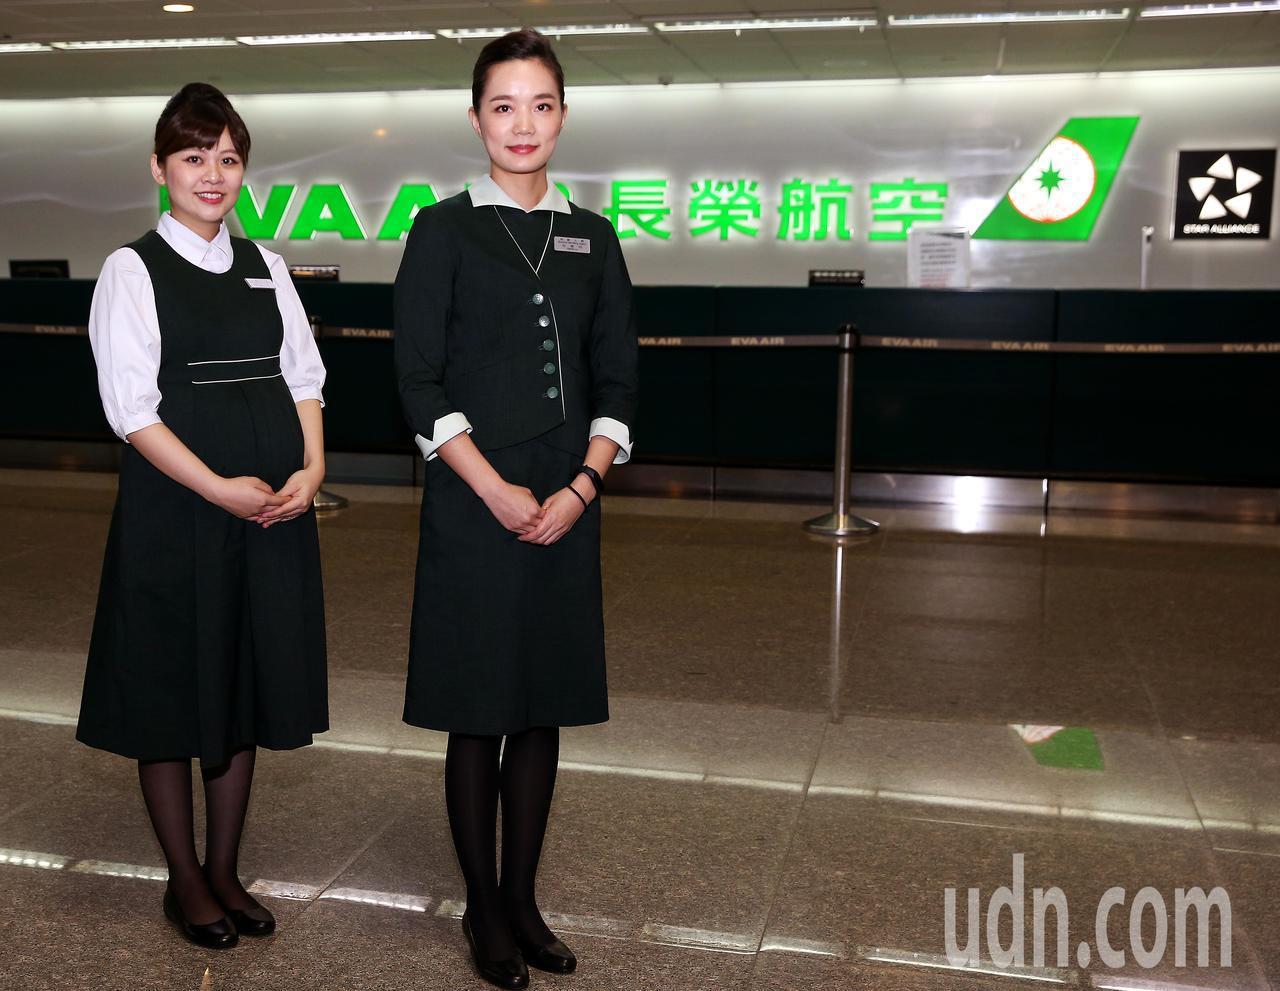 長榮航空去年推出第3代「碧璽綠」制服(左二),考量懷孕女員工穿著服裝的一致性,再...